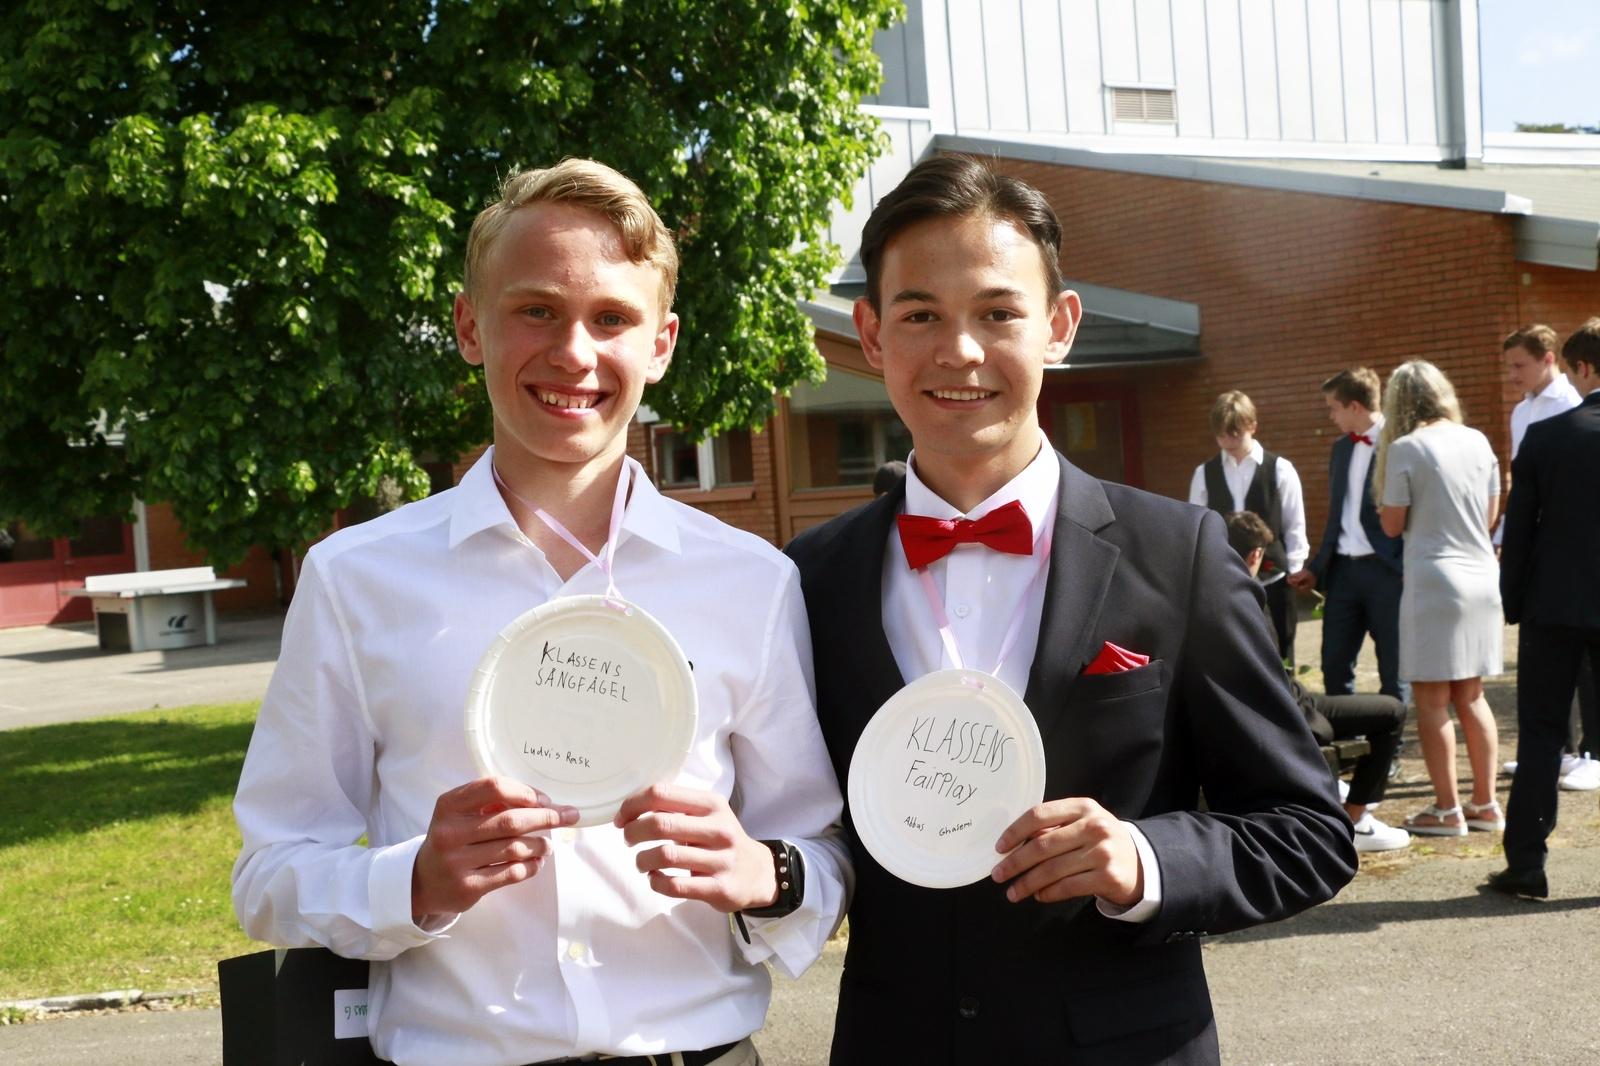 """Ludvig Rask och Abbas Ghasemi ska båda läsa på Tingsholmsgymnasiet i höst. """"Det ska bli kul att testa på det nya livet, och börja ny skola"""", säger Ludvig."""